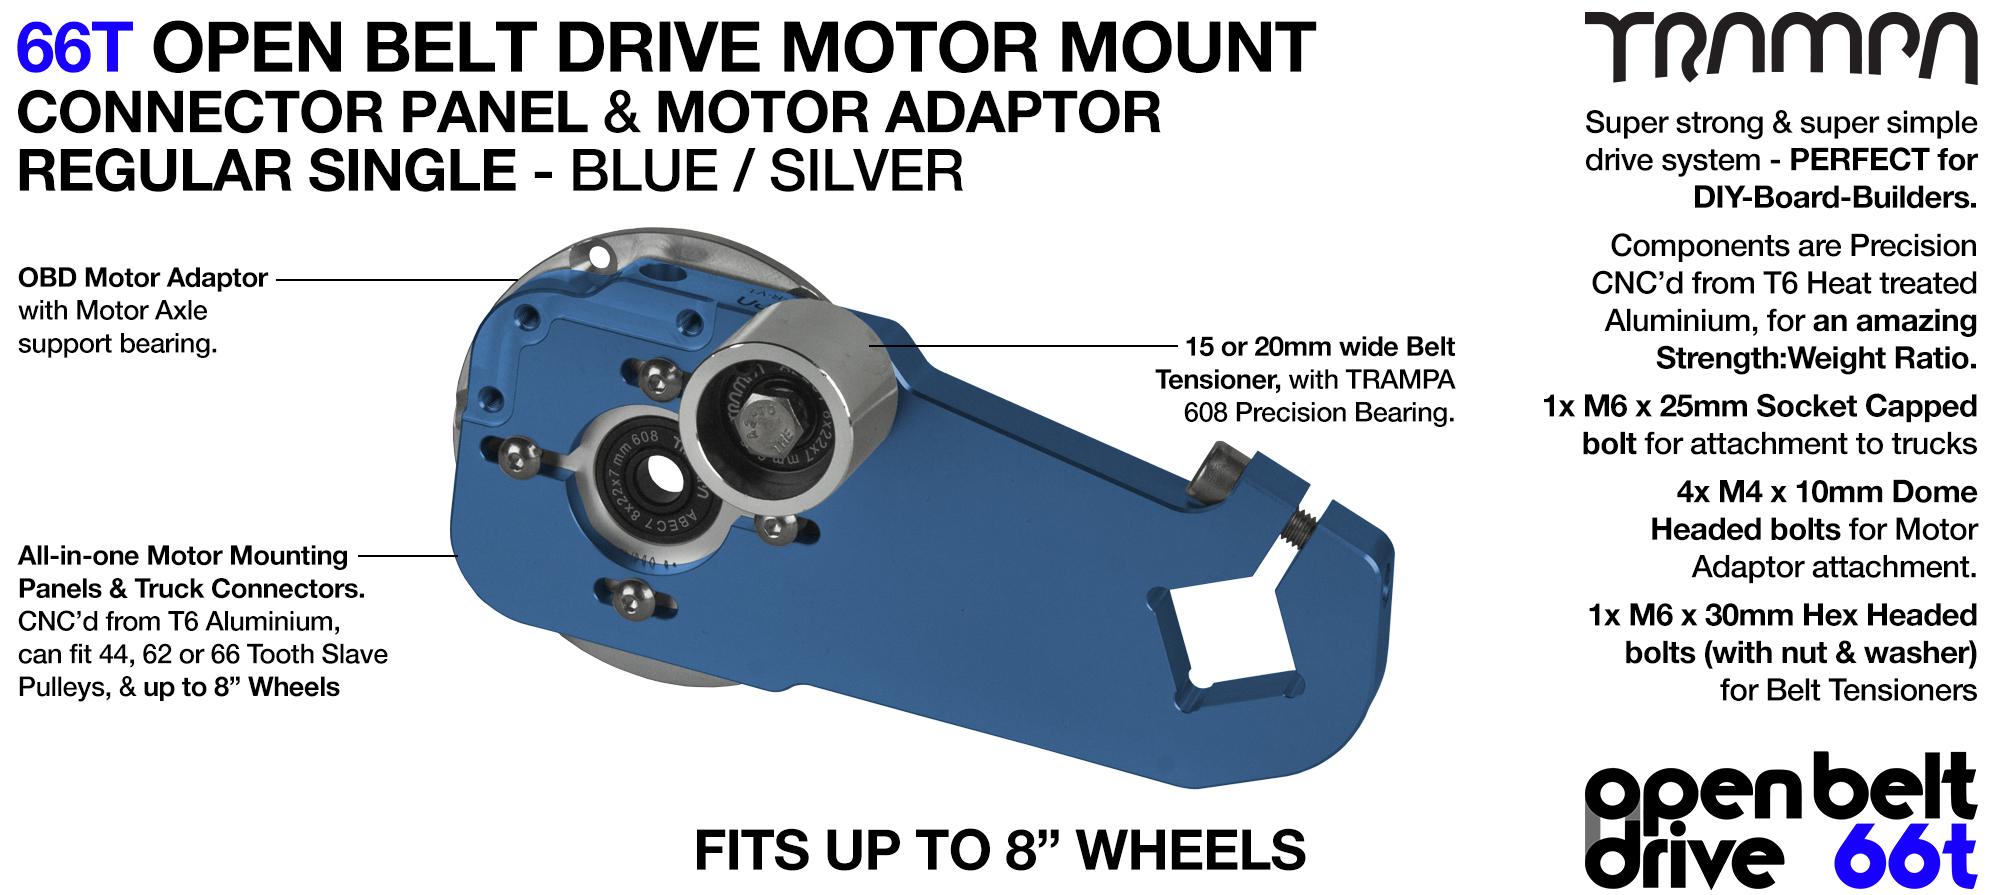 66T OPEN BELT DRIVE Motor Mount & Motor Adaptor - SINGLE BLUE